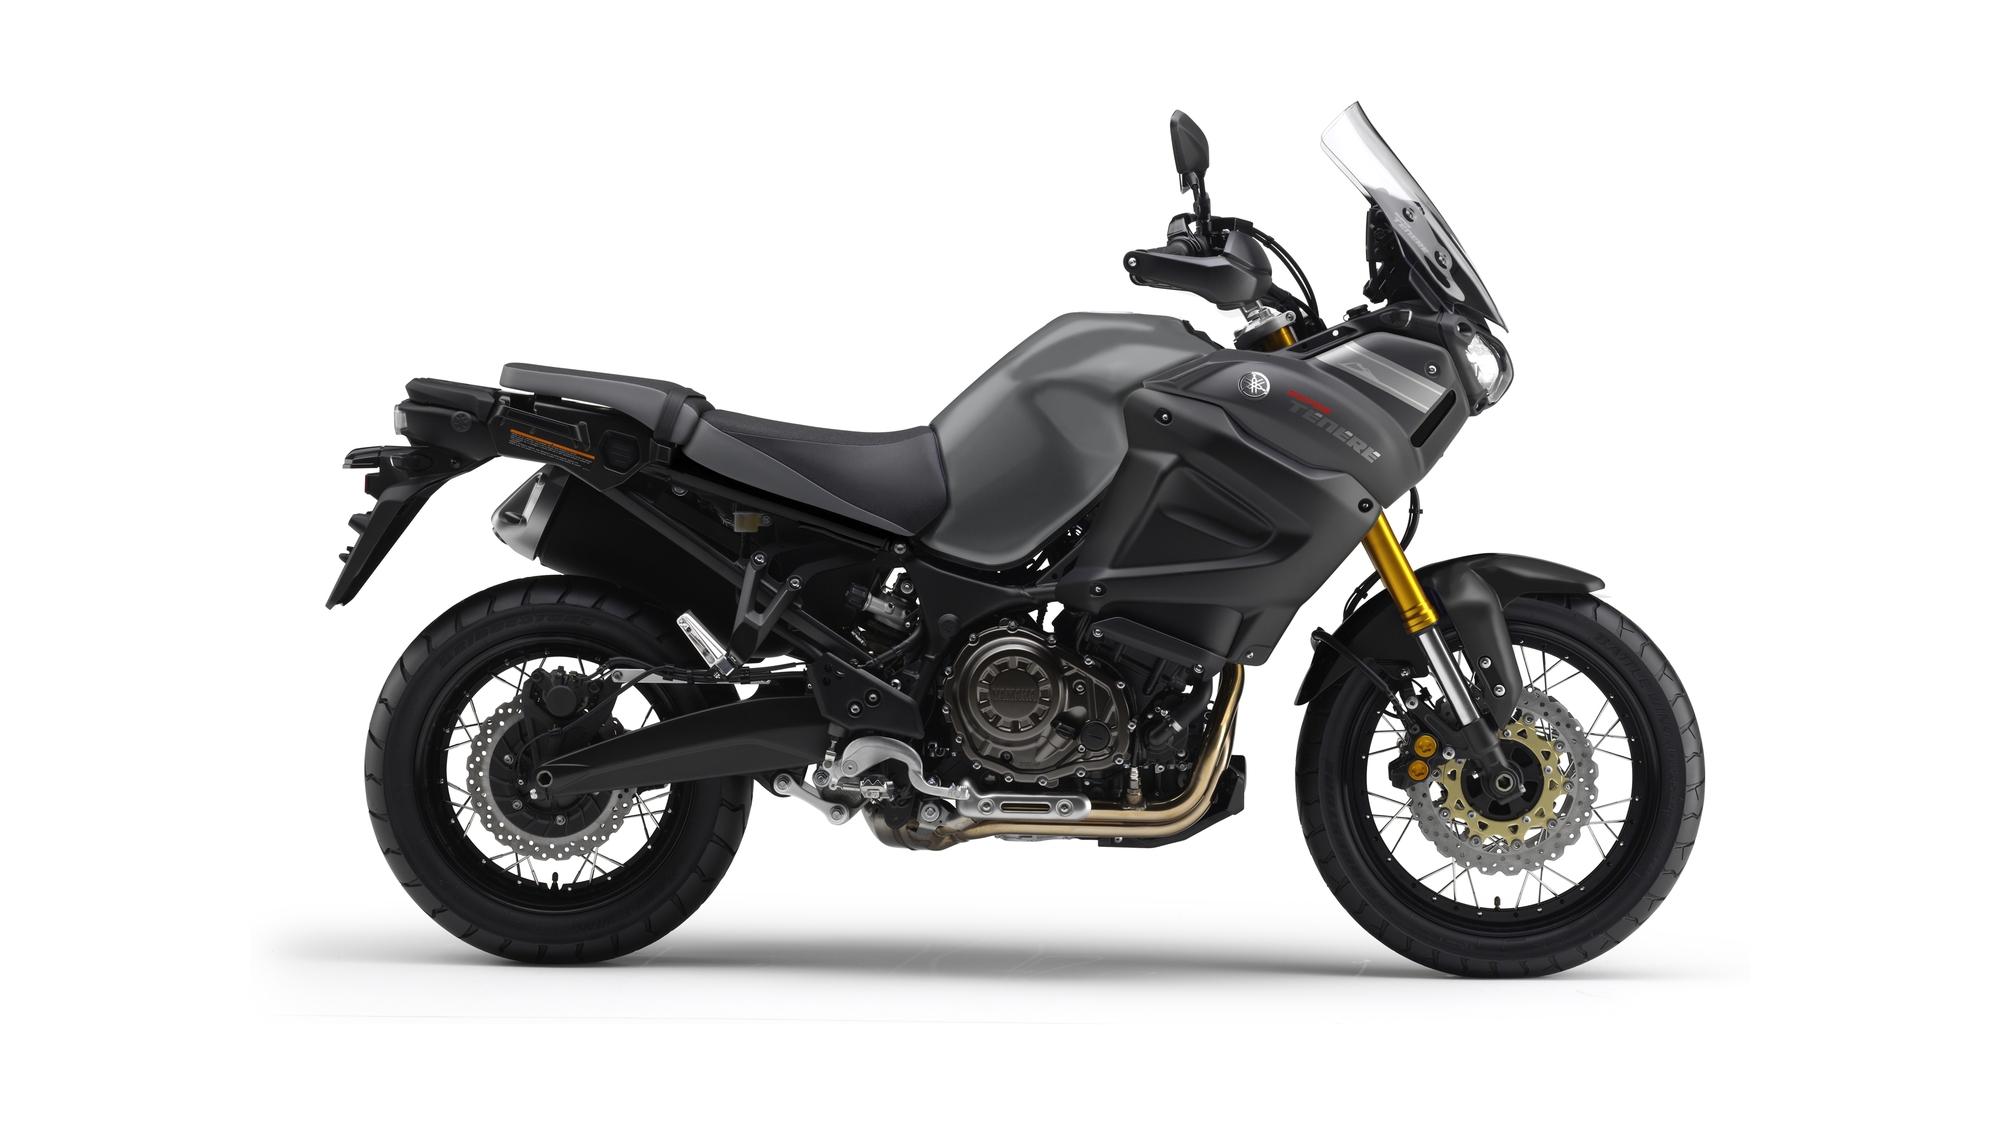 2014-Yamaha-XT1200Z-Super-Tenere-EU-Matt-Grey-Studio-002-osob